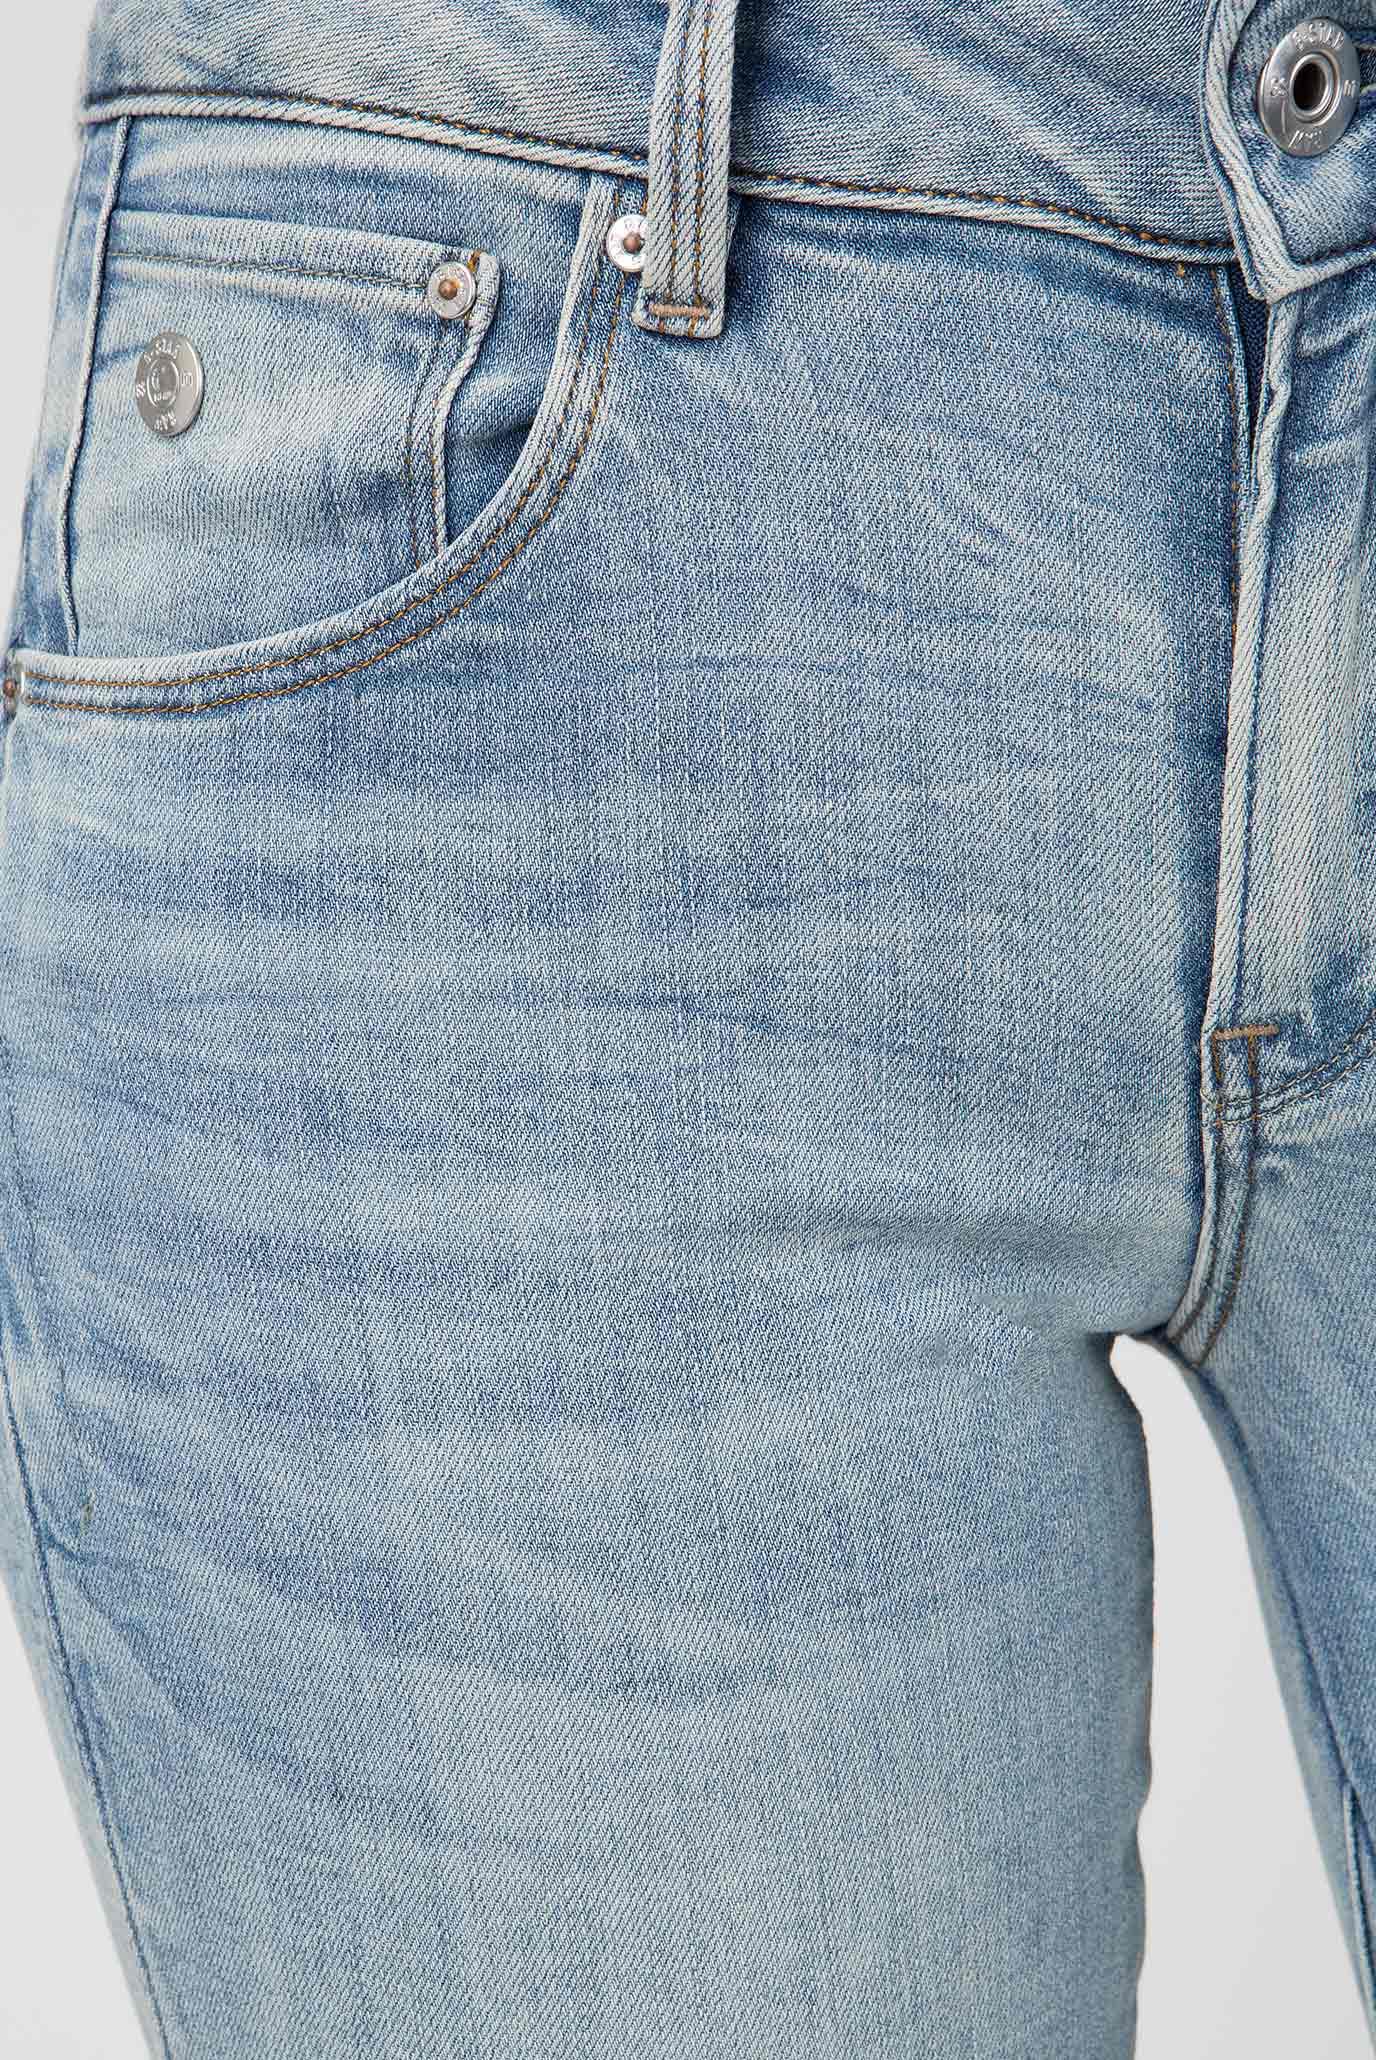 Купить Женские голубые джинсы Arc 3D Mid Skinny G-Star RAW G-Star RAW D05477,8968 – Киев, Украина. Цены в интернет магазине MD Fashion